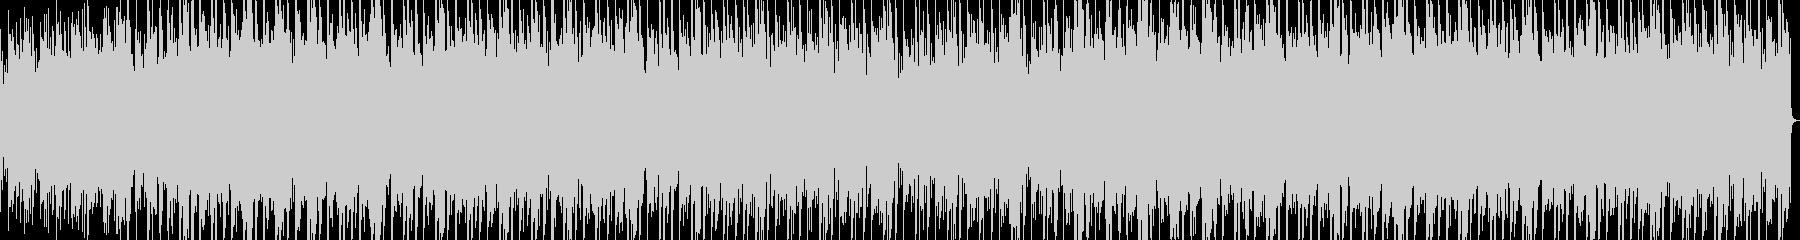 キャンプ・アウトドアなアコギBGMの未再生の波形